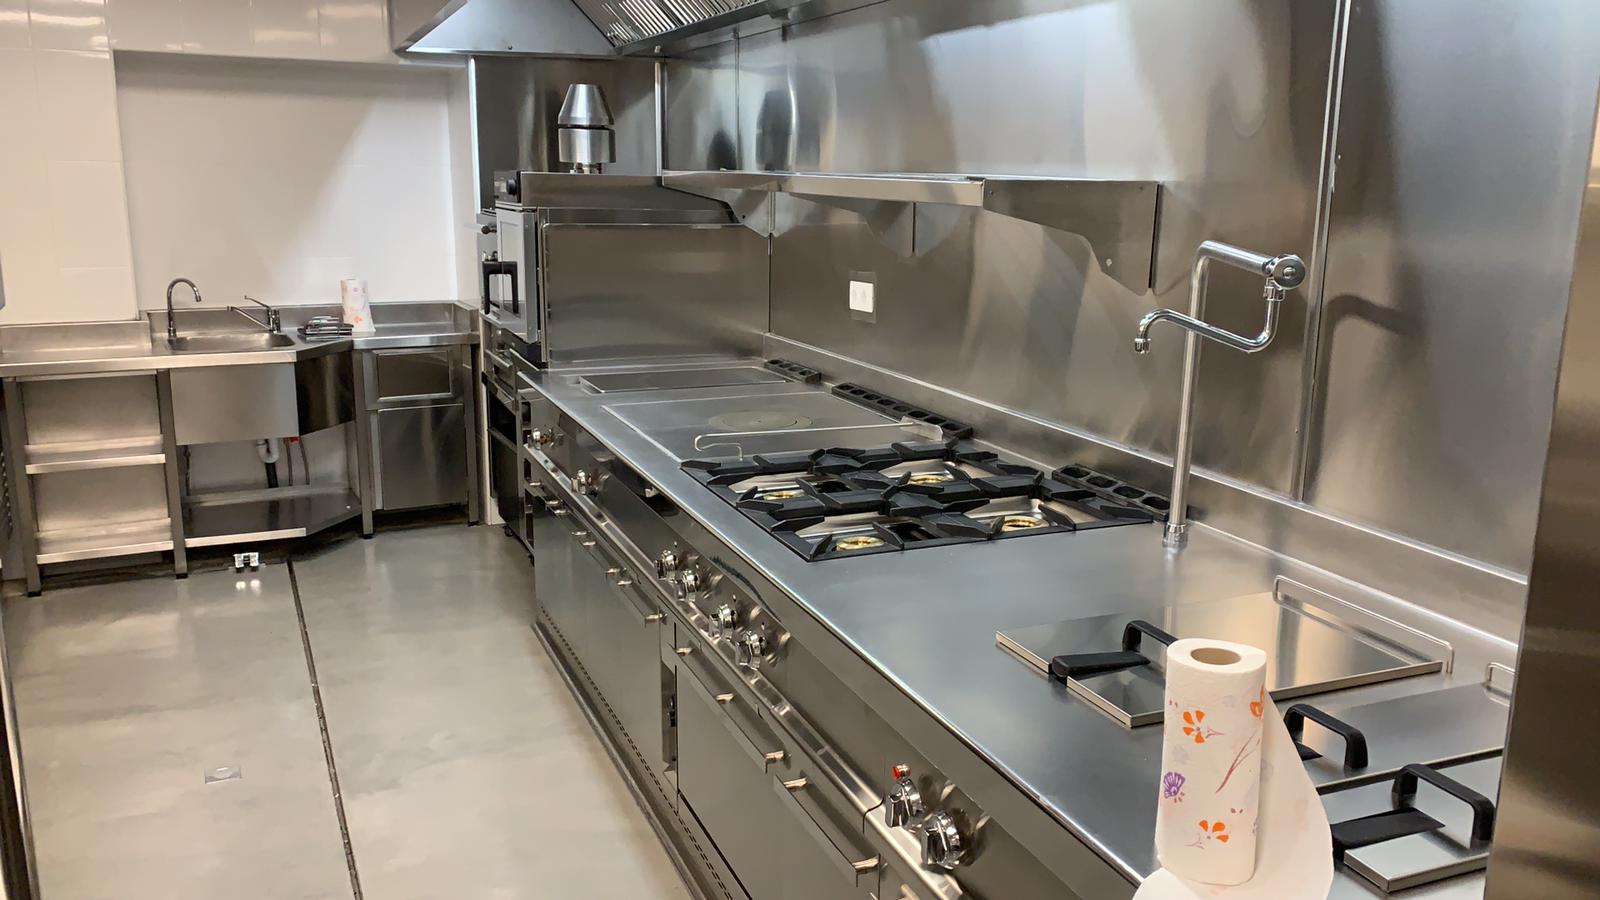 Dise o y fabricaci n integral del proyecto de la cocina y - Figuras de acero inoxidable ...